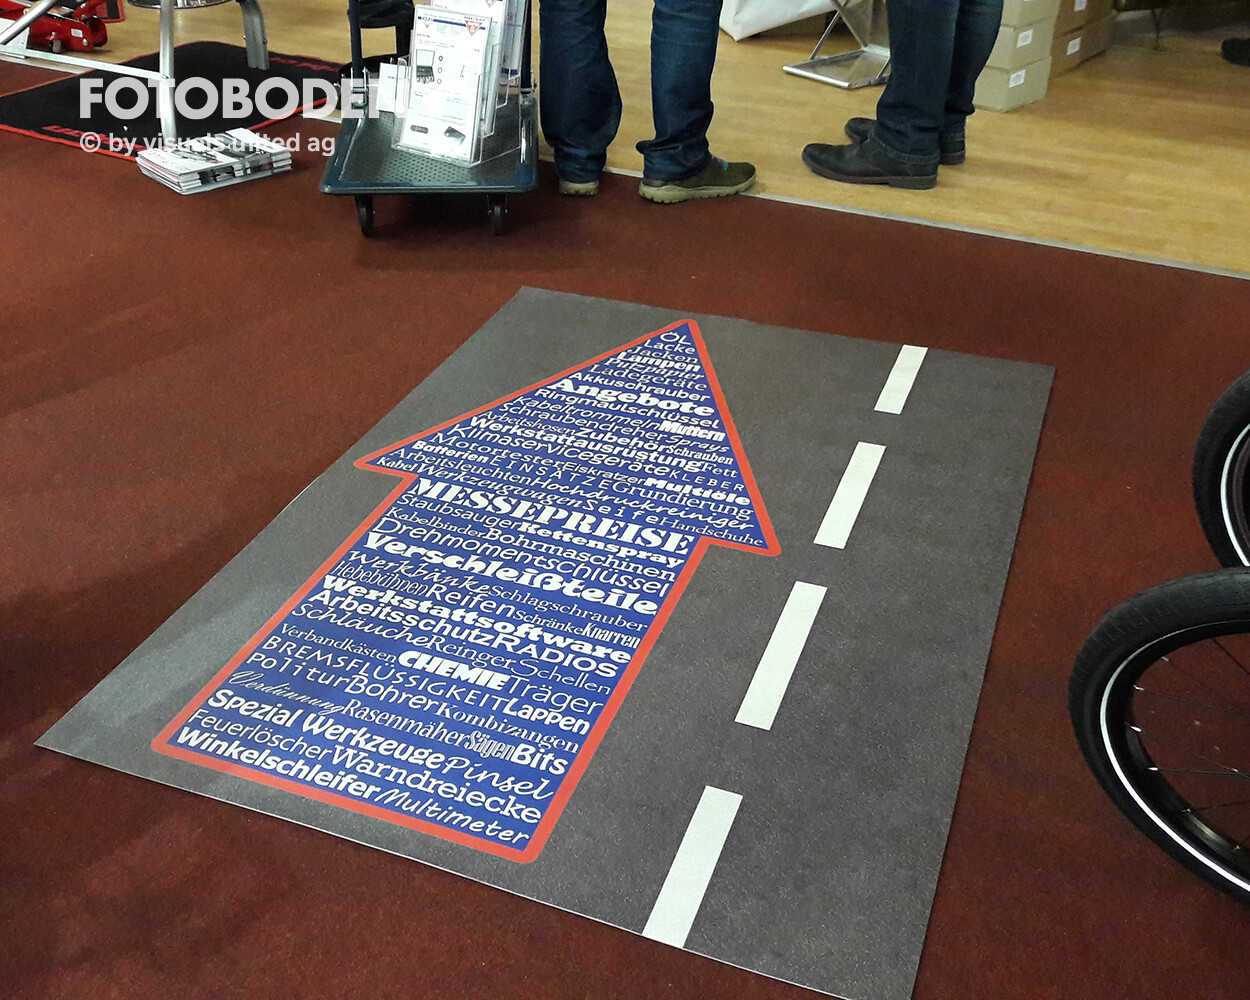 Lauenburg3 Fotoboden Messeboden Tradeshow Flooring Bodengestaltung Messe Bodendesign Messedesign Design Boden Messegestaltung